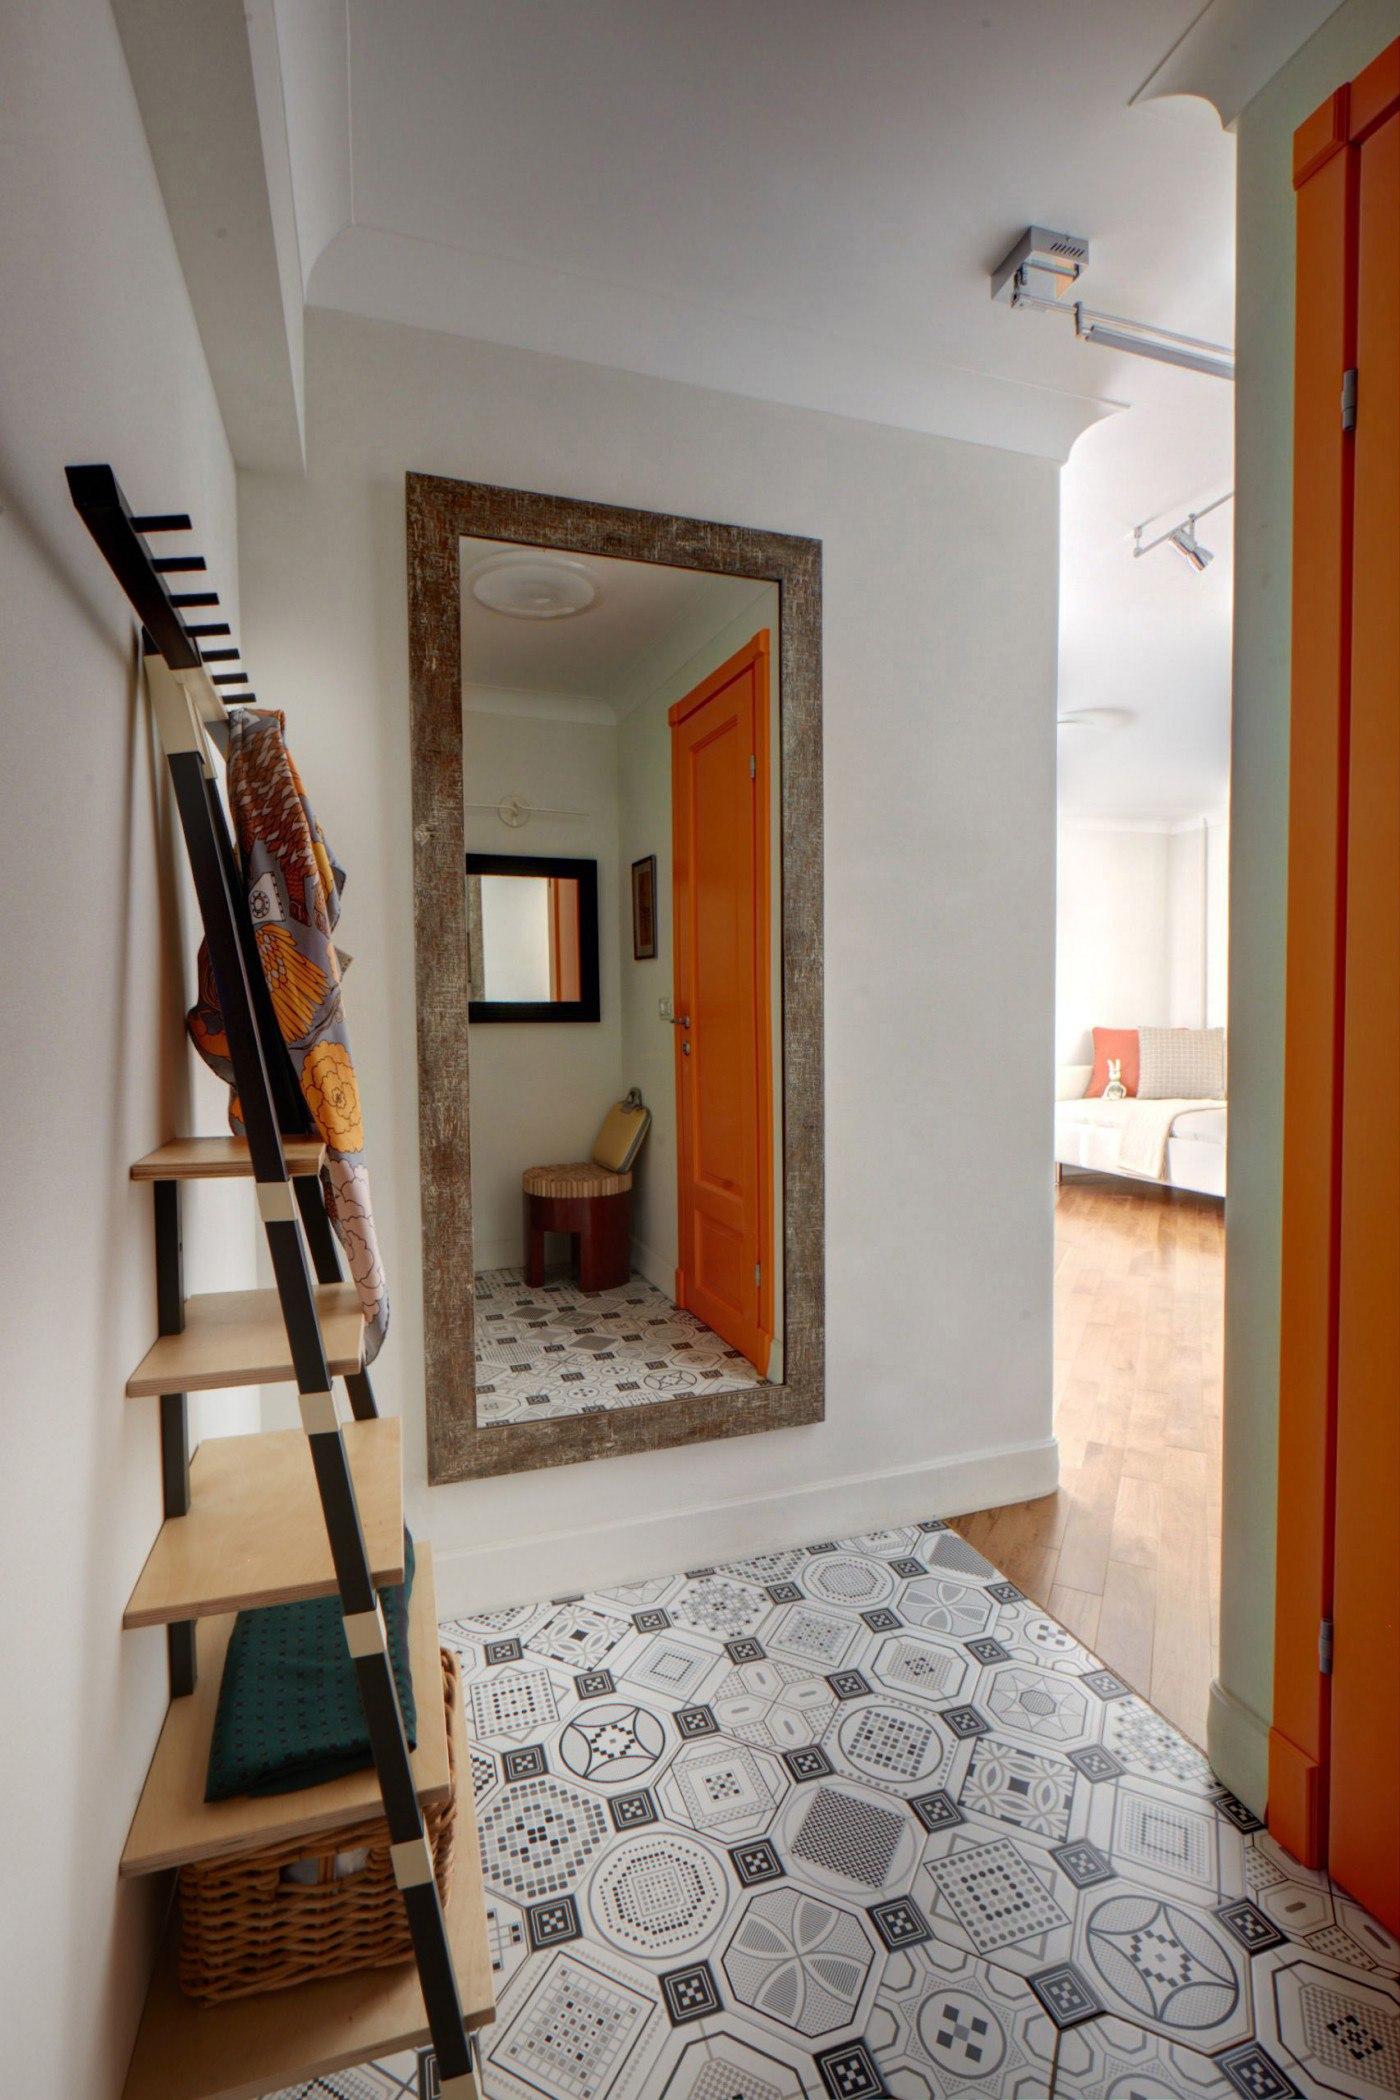 Интерьер квартиры 31 м (с балконом 34 м) в Москве для женщины ученого-богослова.